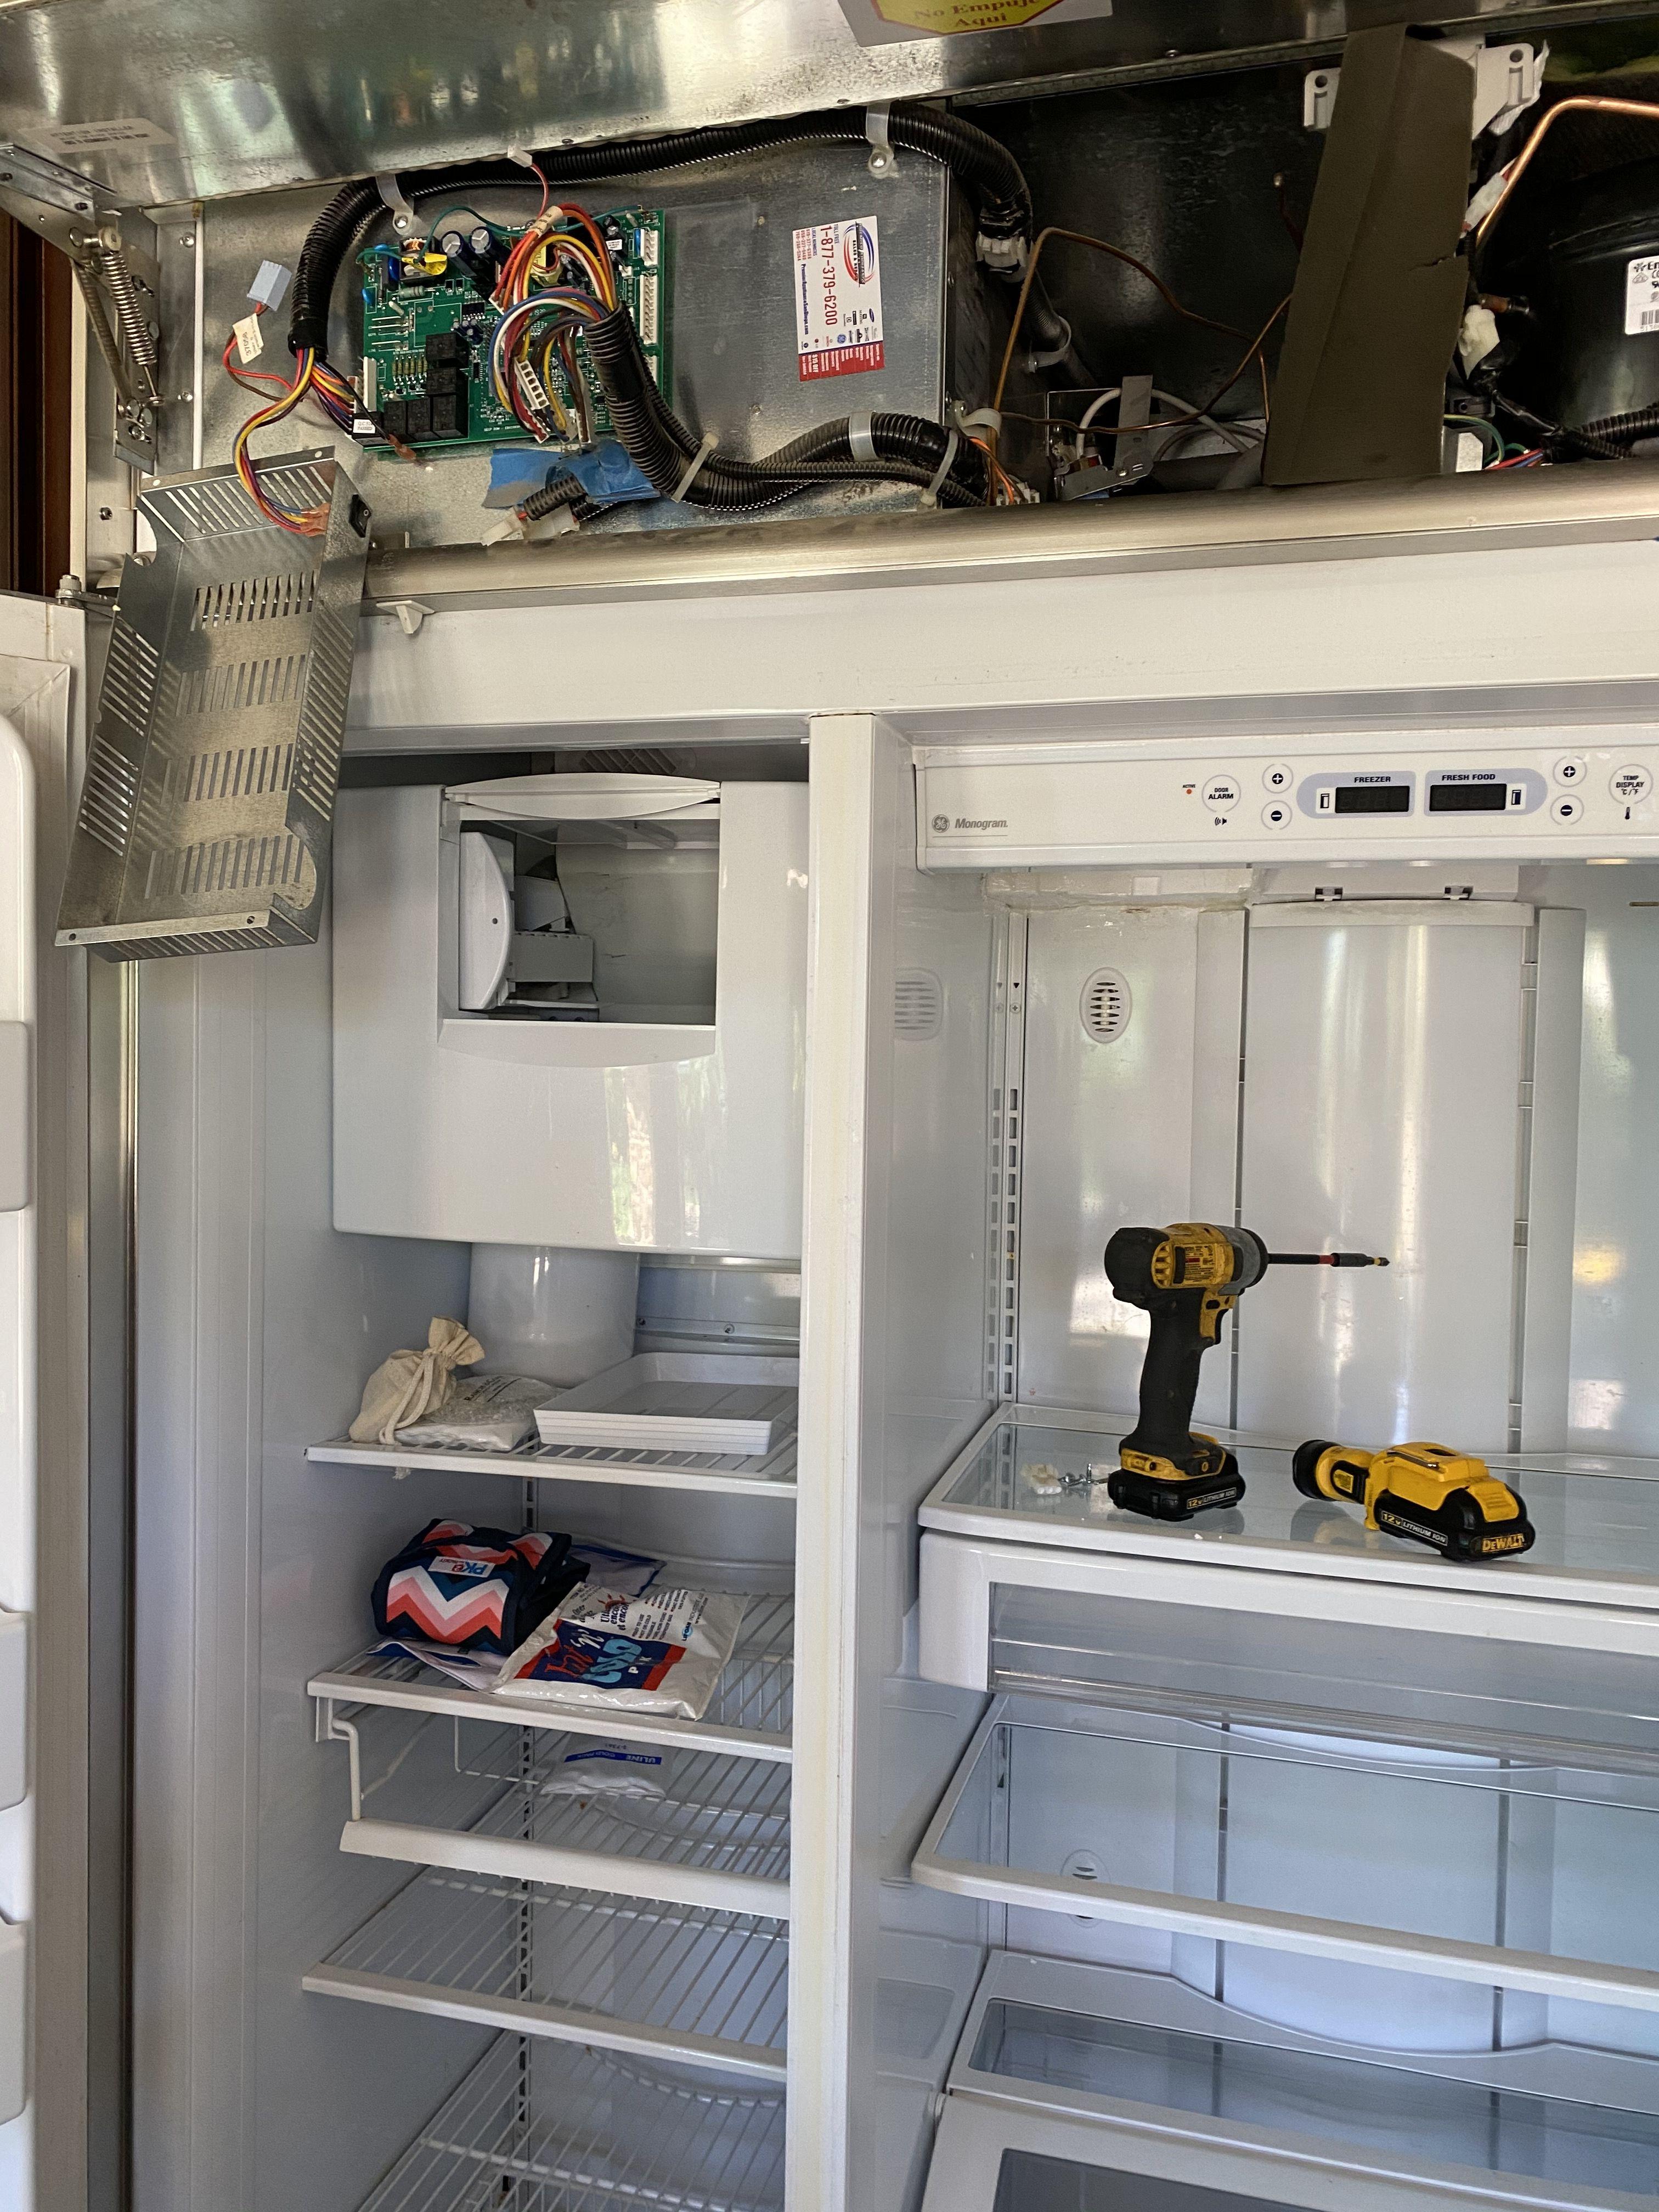 Pin On Appliance Repair San Diego